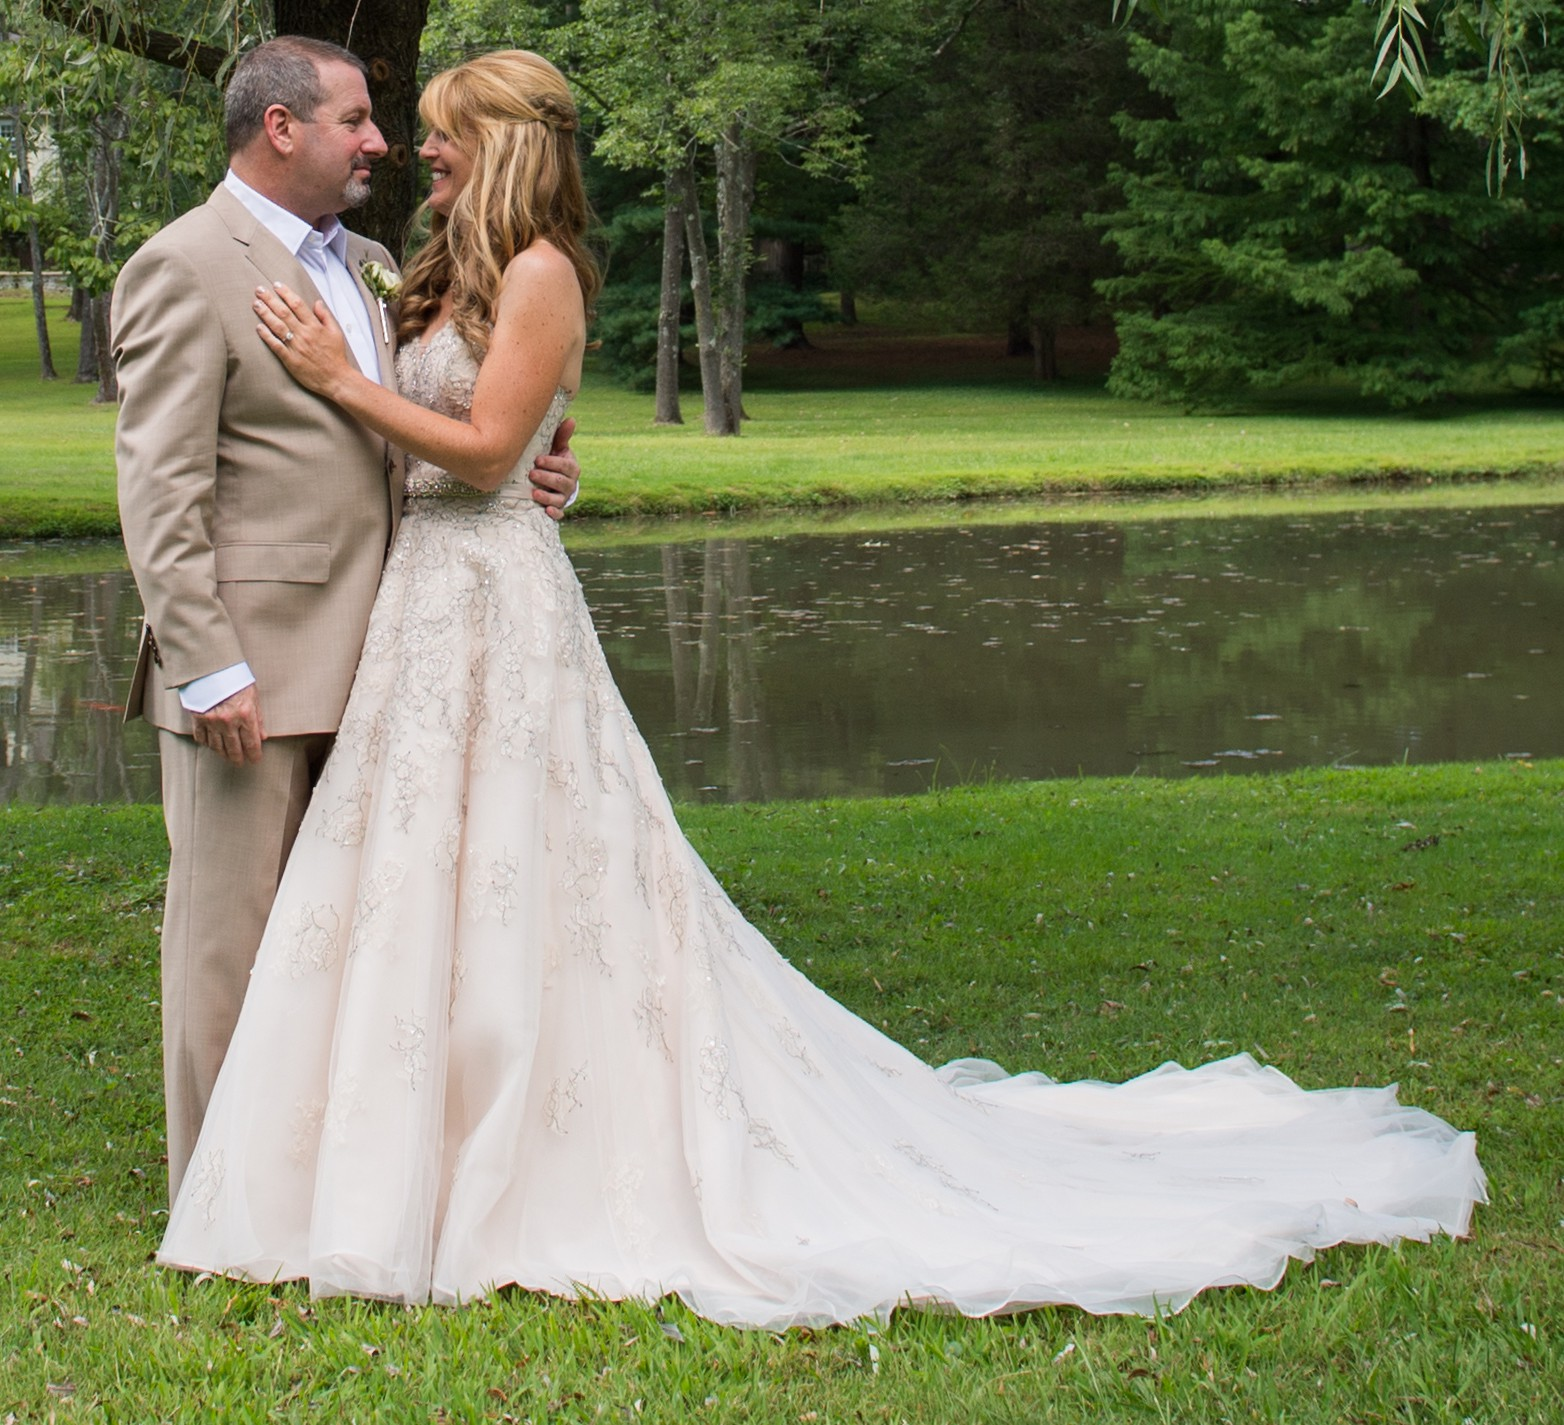 Starling Preloved Wedding Dress On